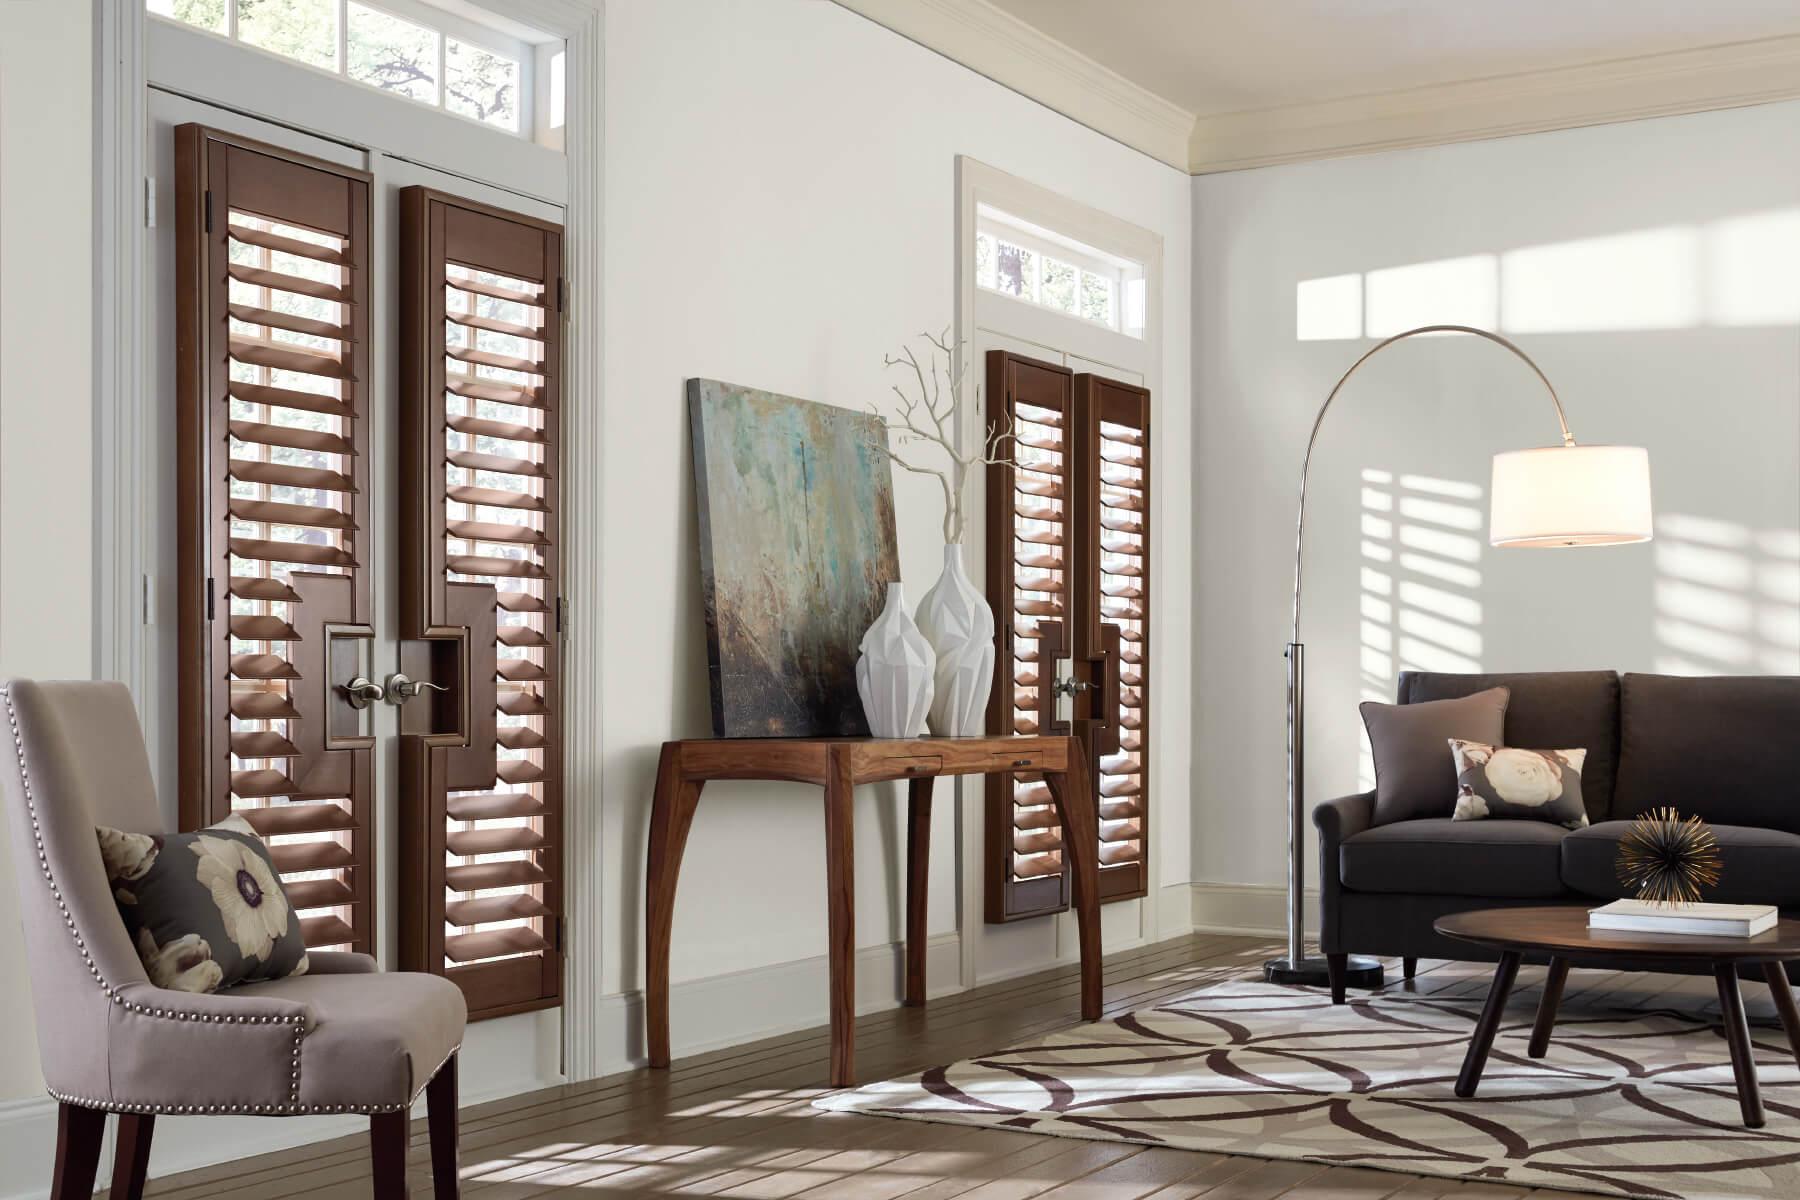 custom shutters - wood shutters